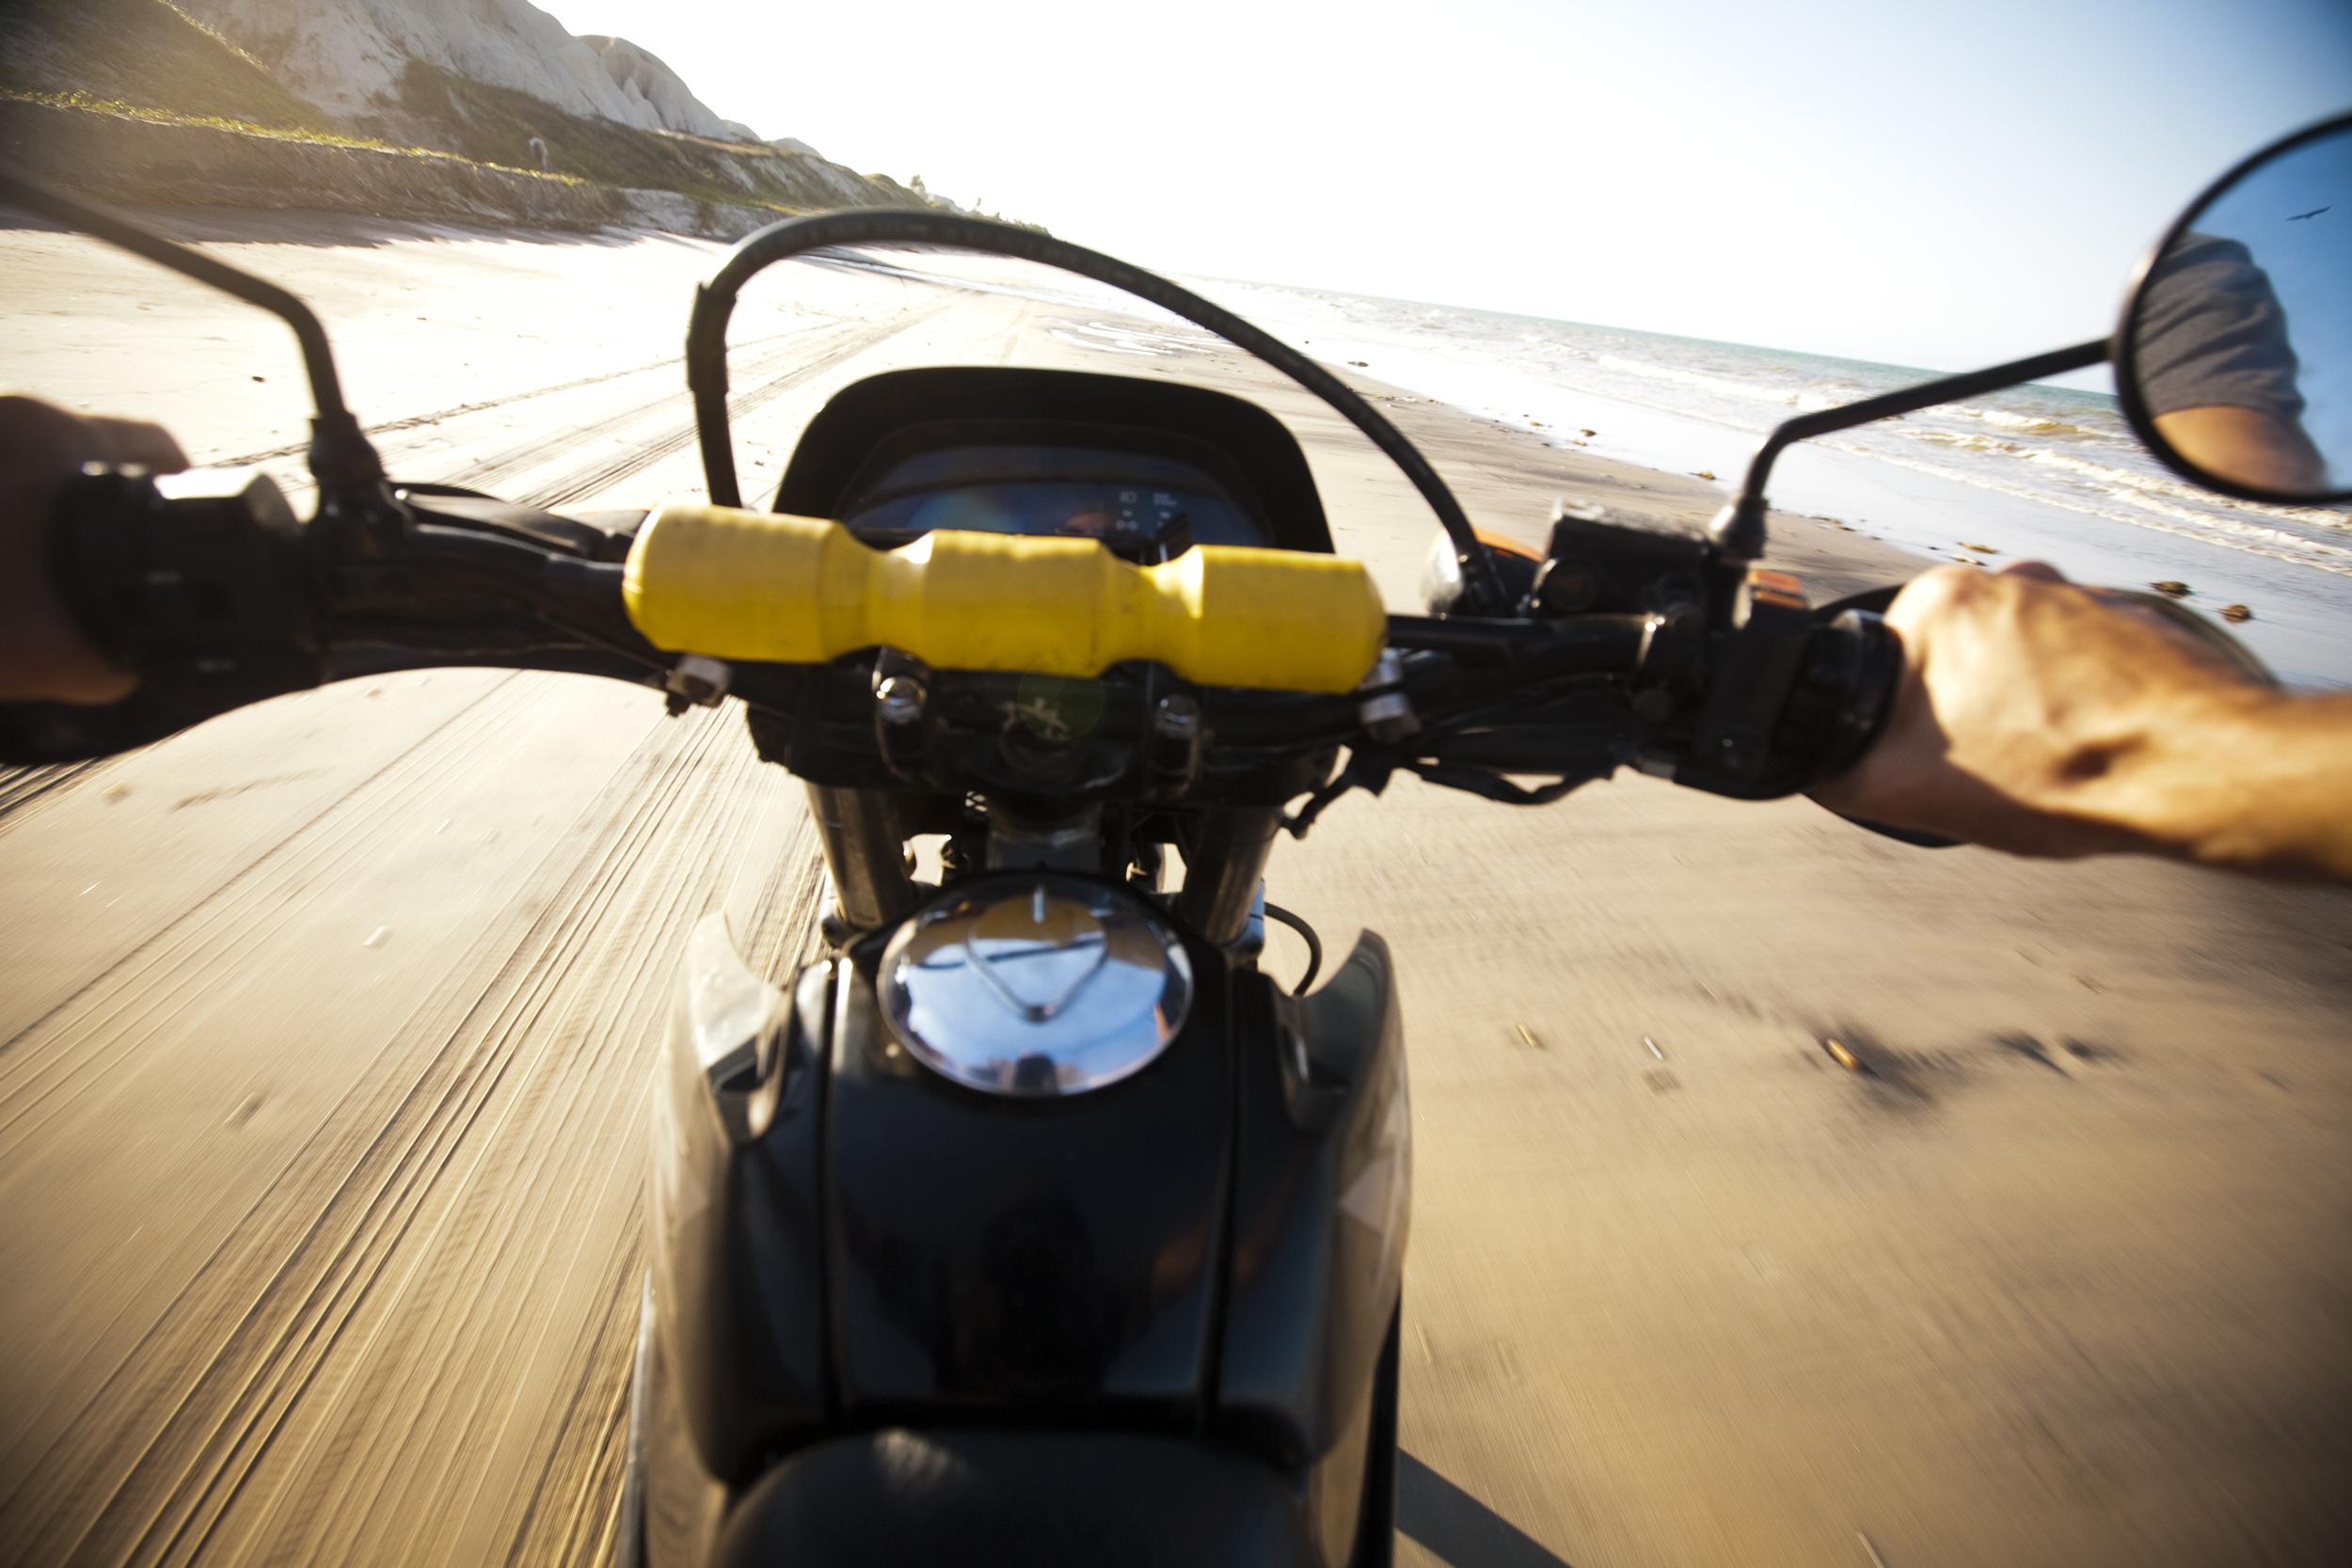 Motocross trip on the beach from Canoa Quebrada to Ponte Grosse